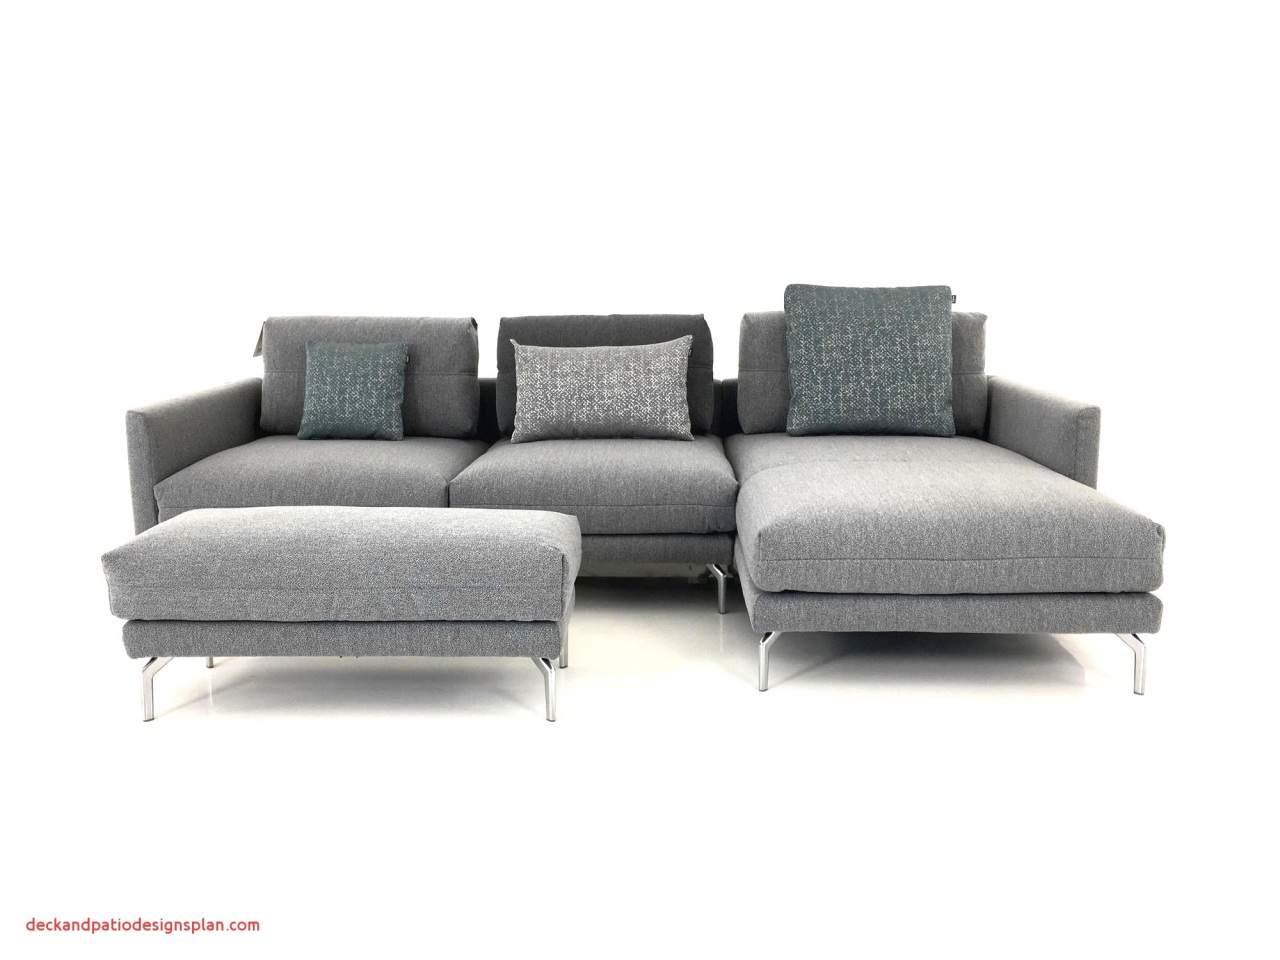 Thomas Philipps Onlineshop De Haus Und Garten Luxus Zecken Im Garten Vernichten Einzigartig Rotes sofa Ikea